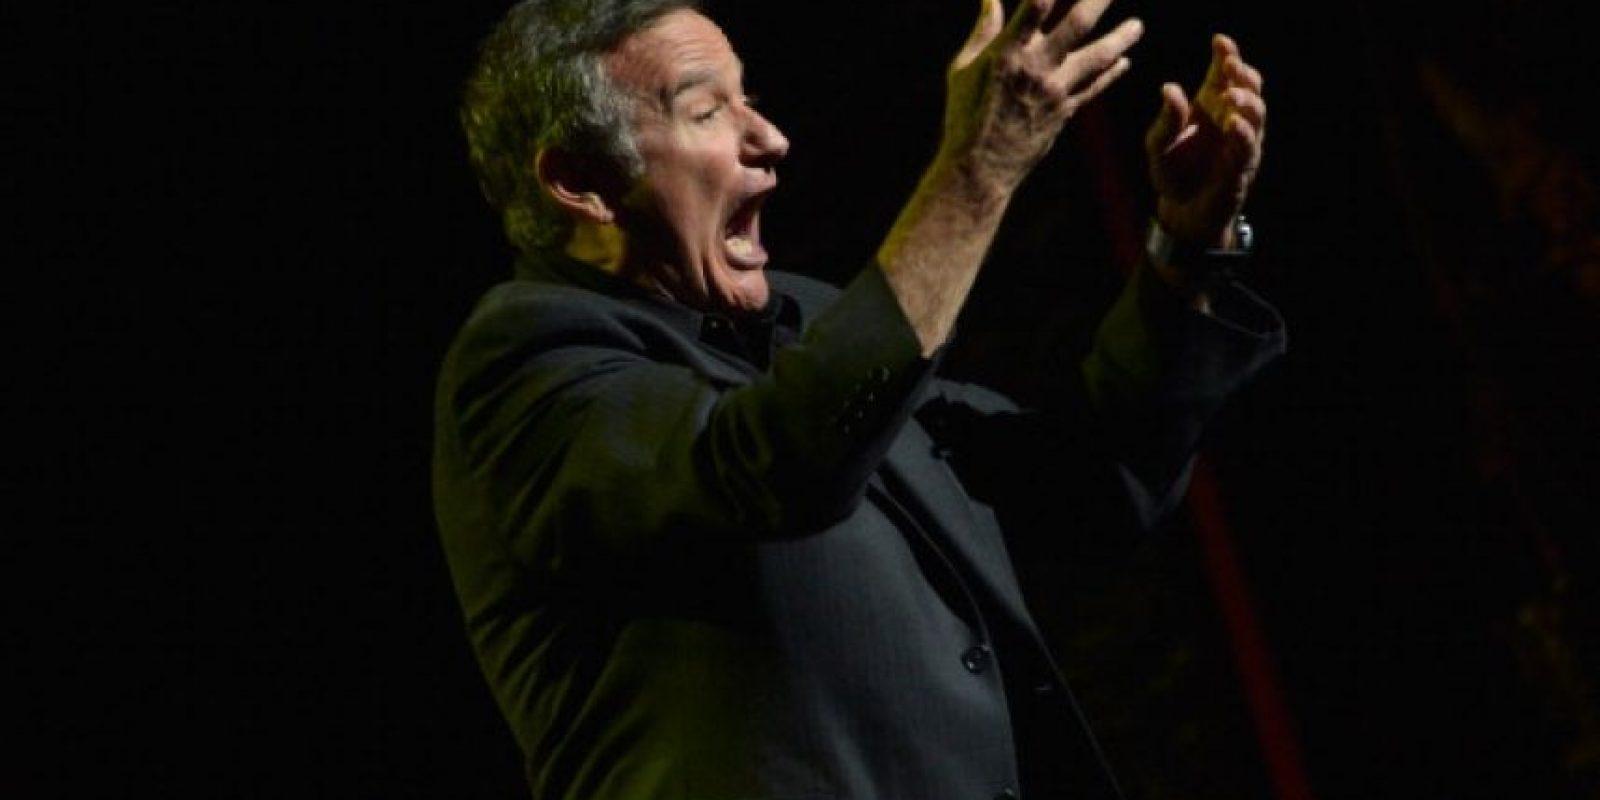 La muerte del célebre actor conmovió al mundo entero Foto:Getty Images